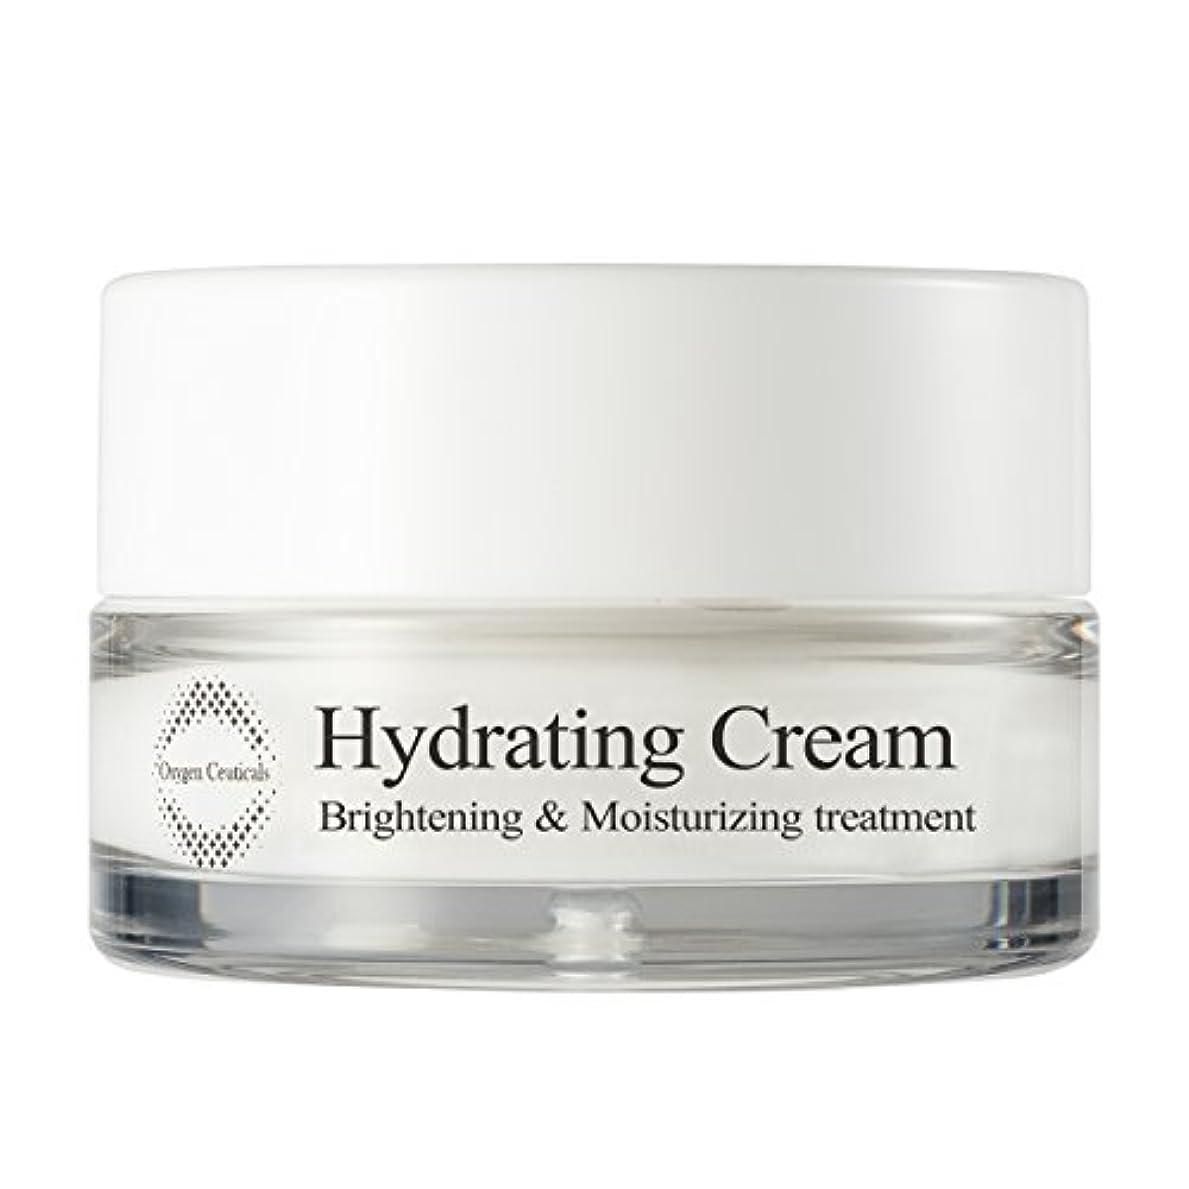 便利そこ知らせる[ Oxygen Ceuticals ] オキシジェンシューティカルズ ハイドレイティング クリーム[美.白機能性] 50ml. Hydrating Cream 50ml. X Mask Pack 1p.